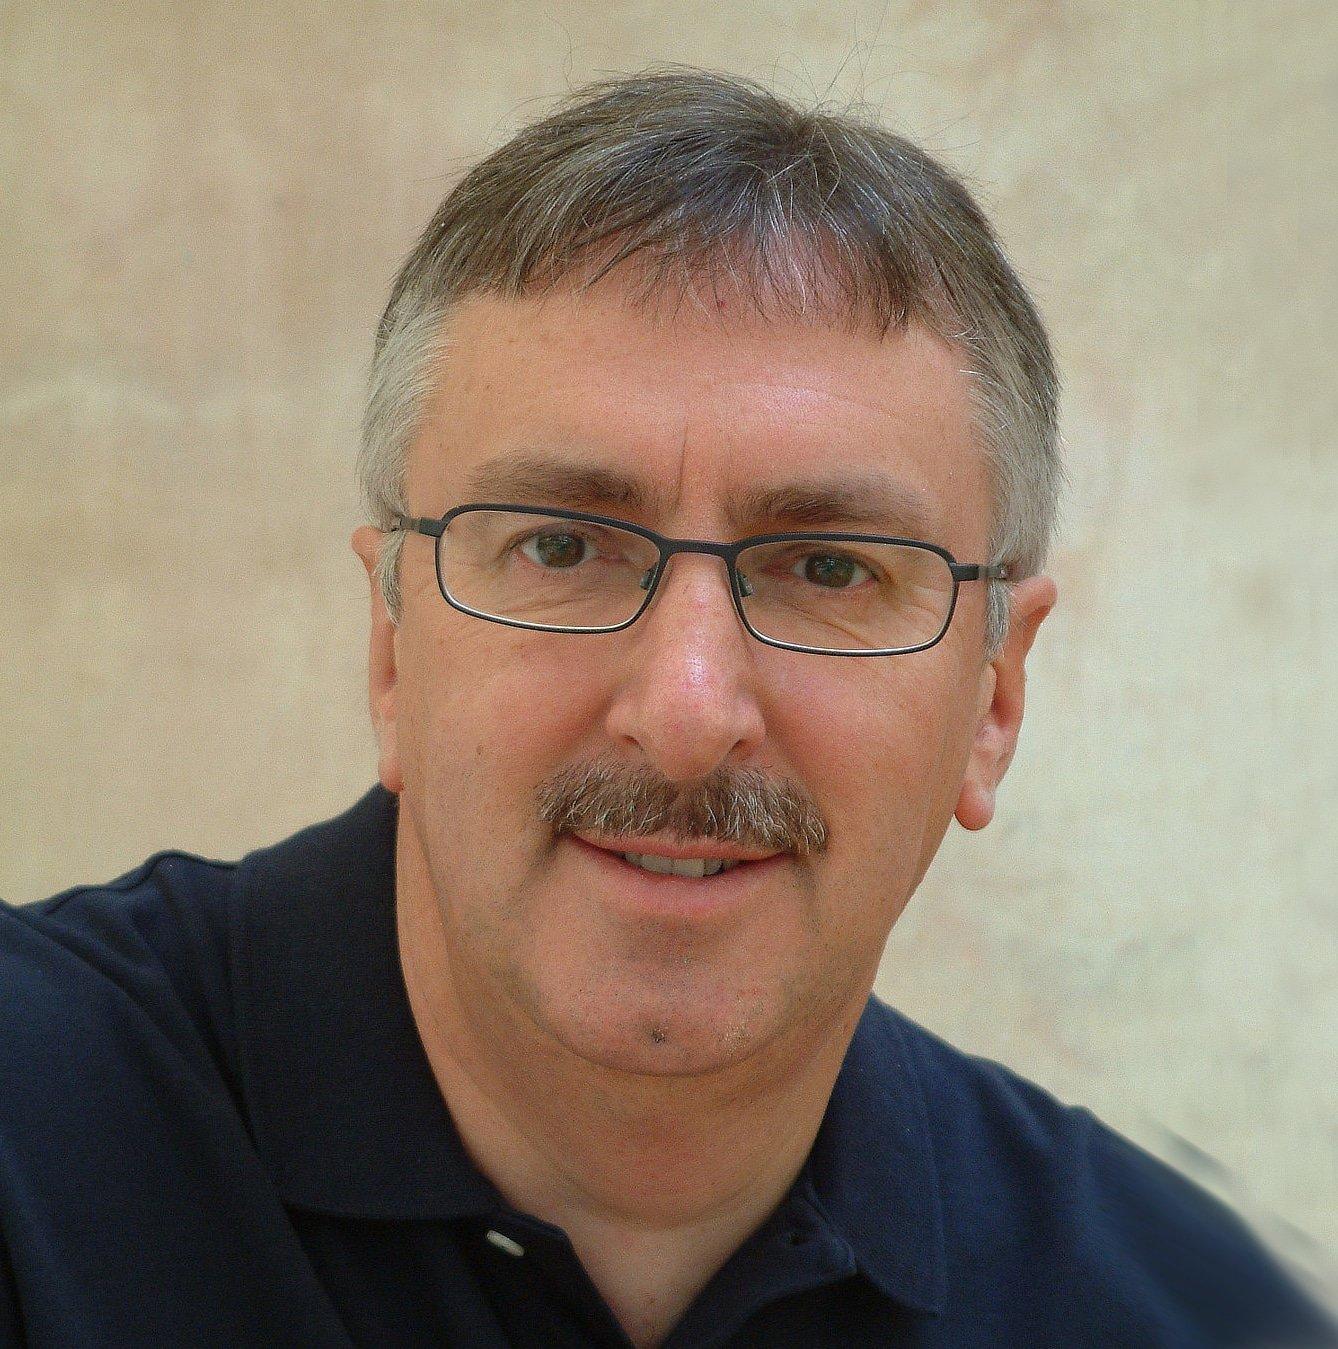 Paul_Sloane_at_Great_British_Speakers